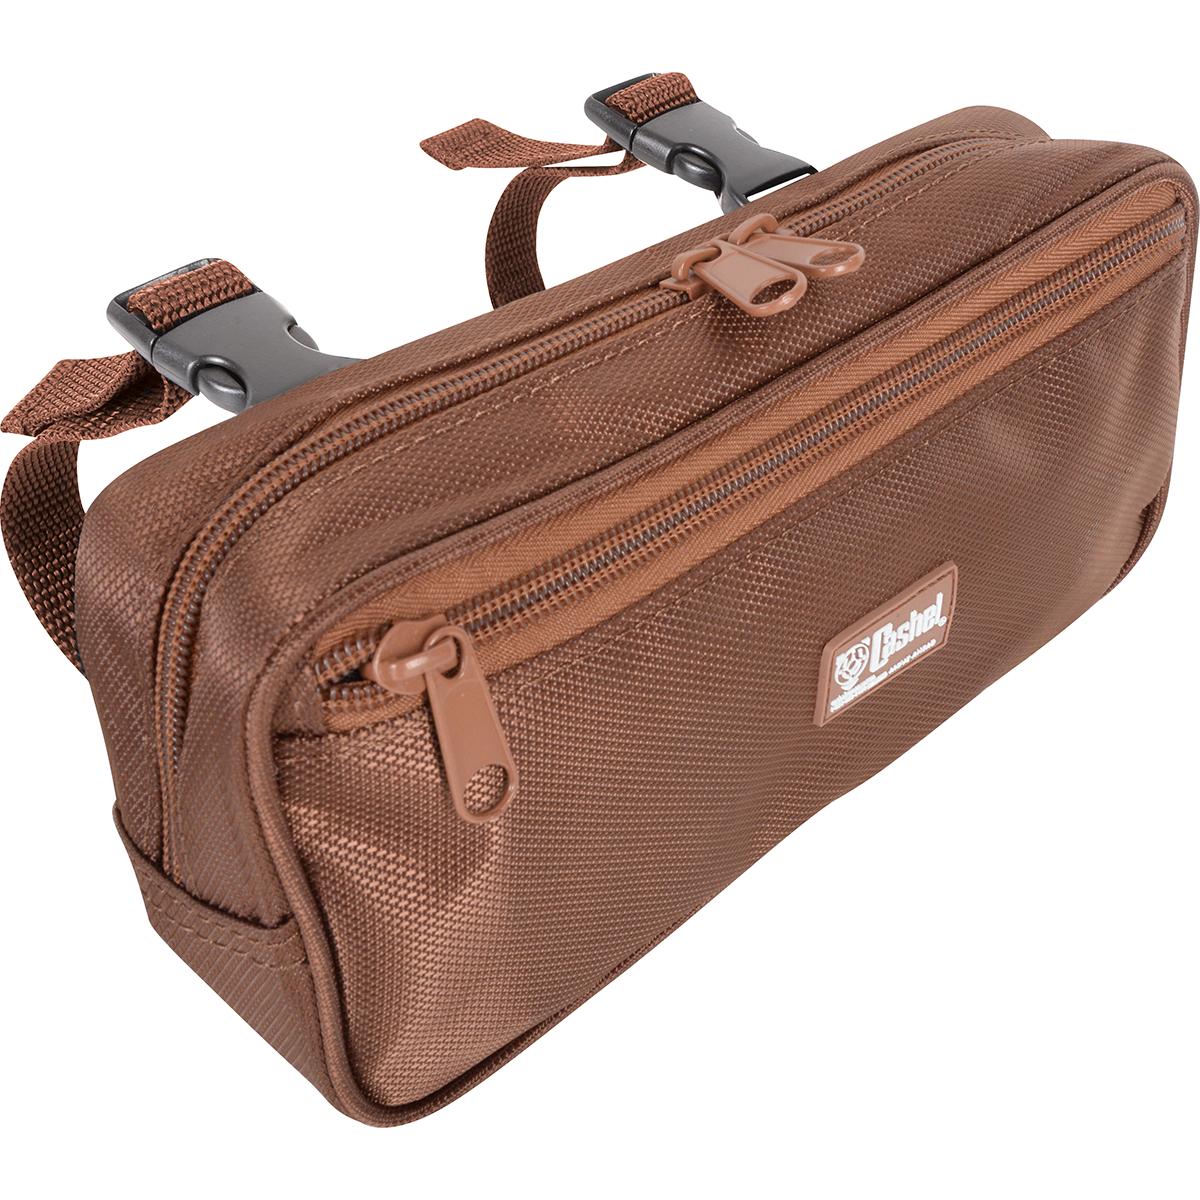 Cashel Cashel Small Pommel Saddle Bag